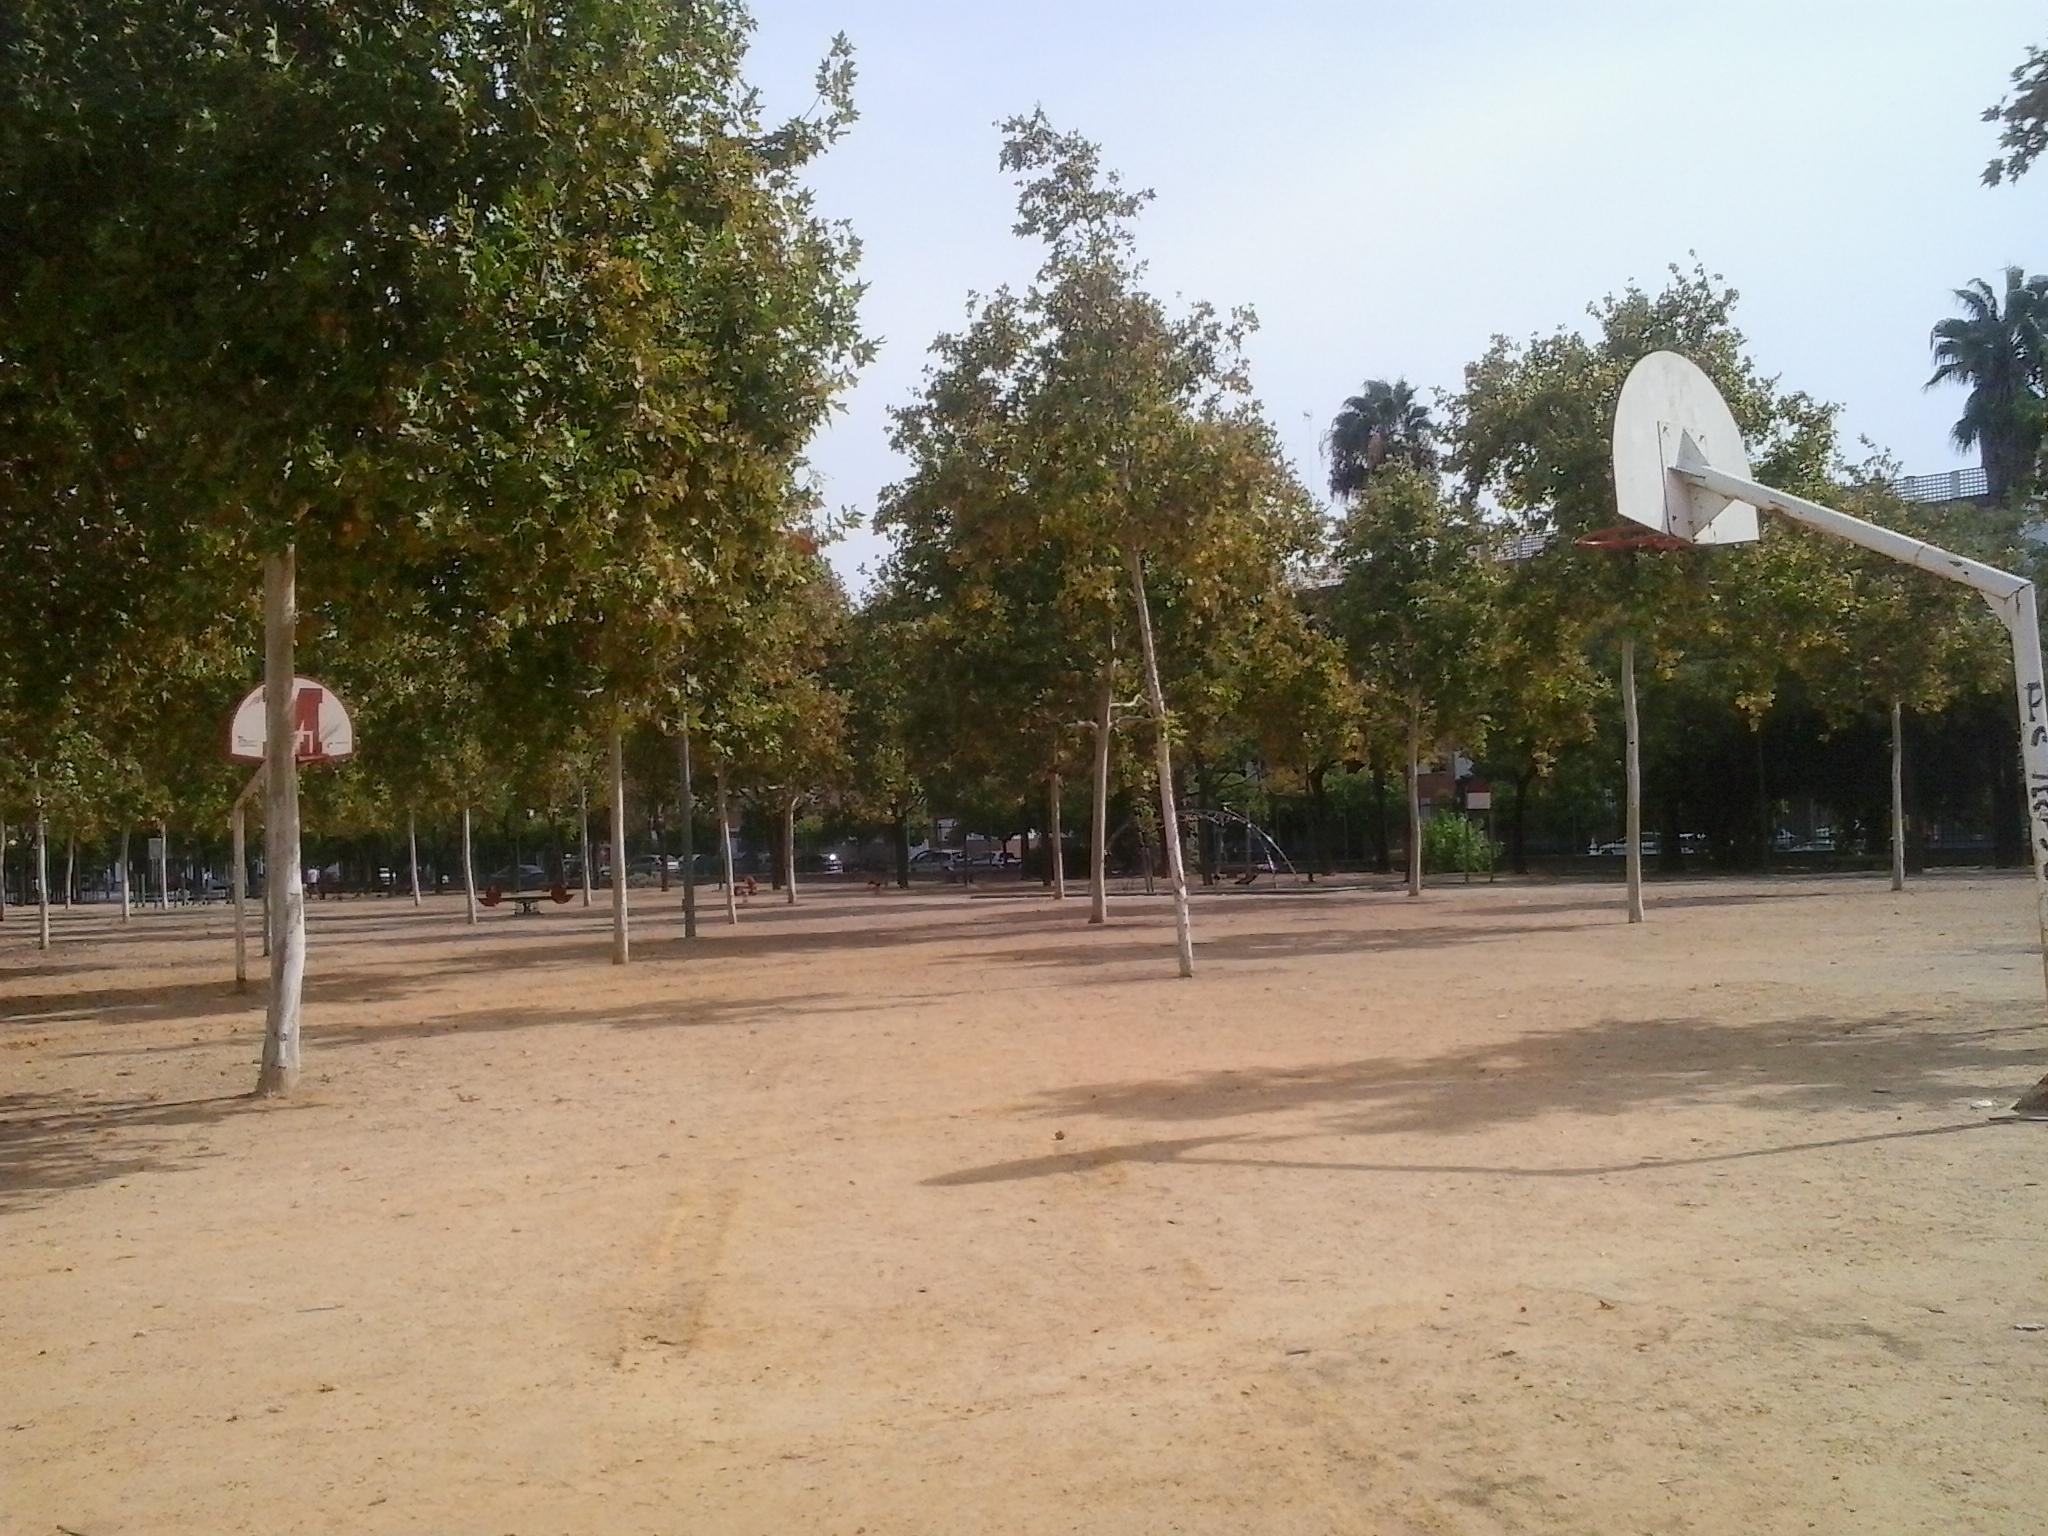 Imagen 2. Canchas de baloncesto. Fuente: Elaboración Propia